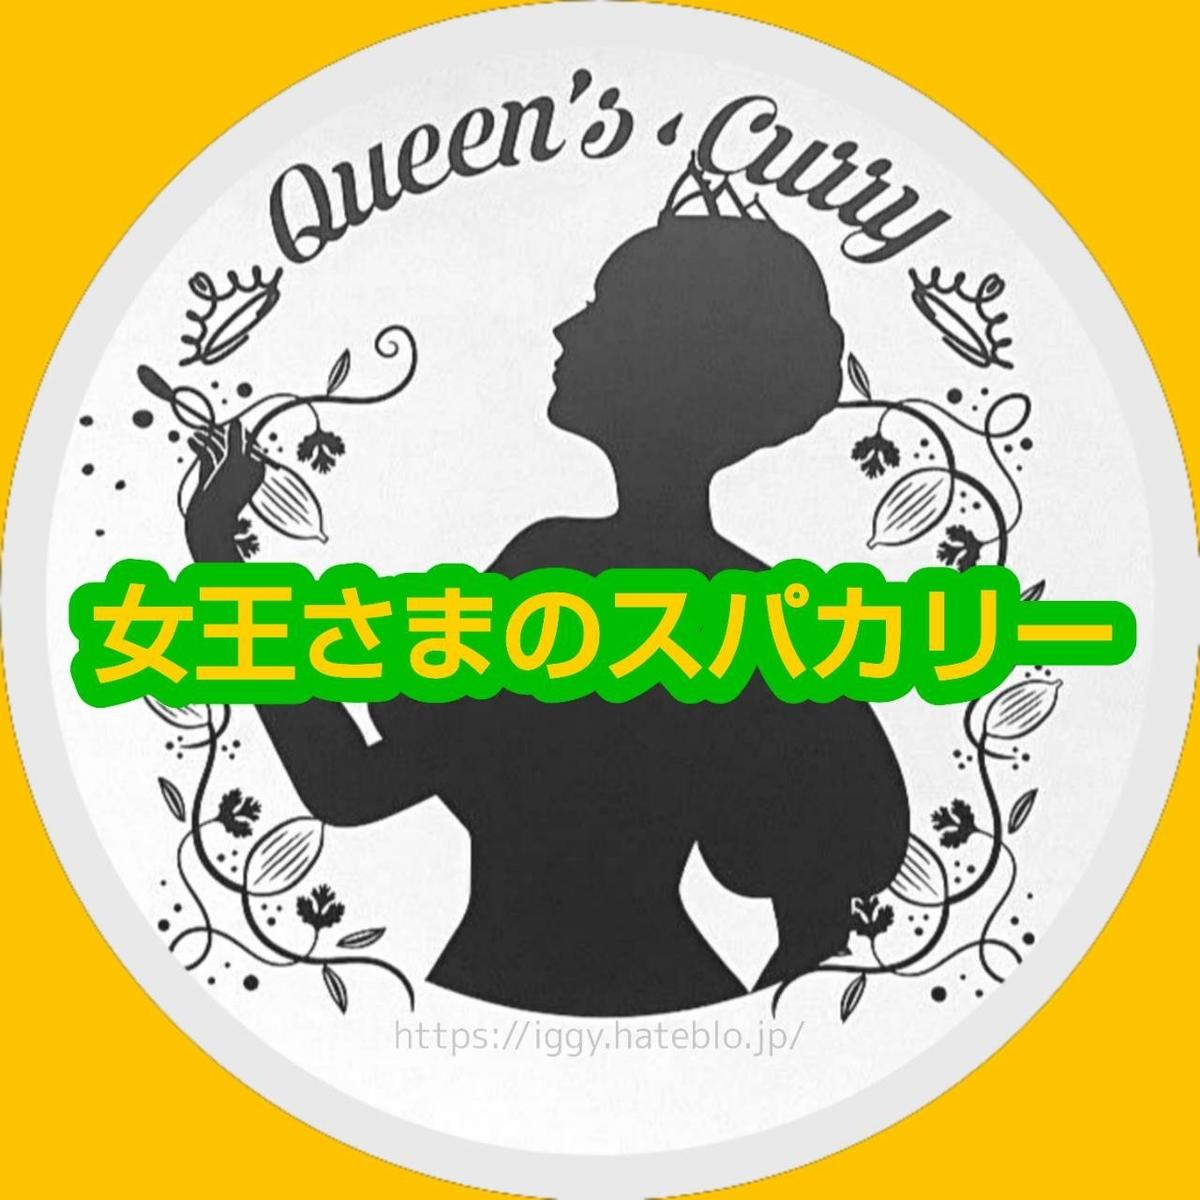 女王さまのスパカレー 福岡市中央区渡辺通 2020年11月1日オープン